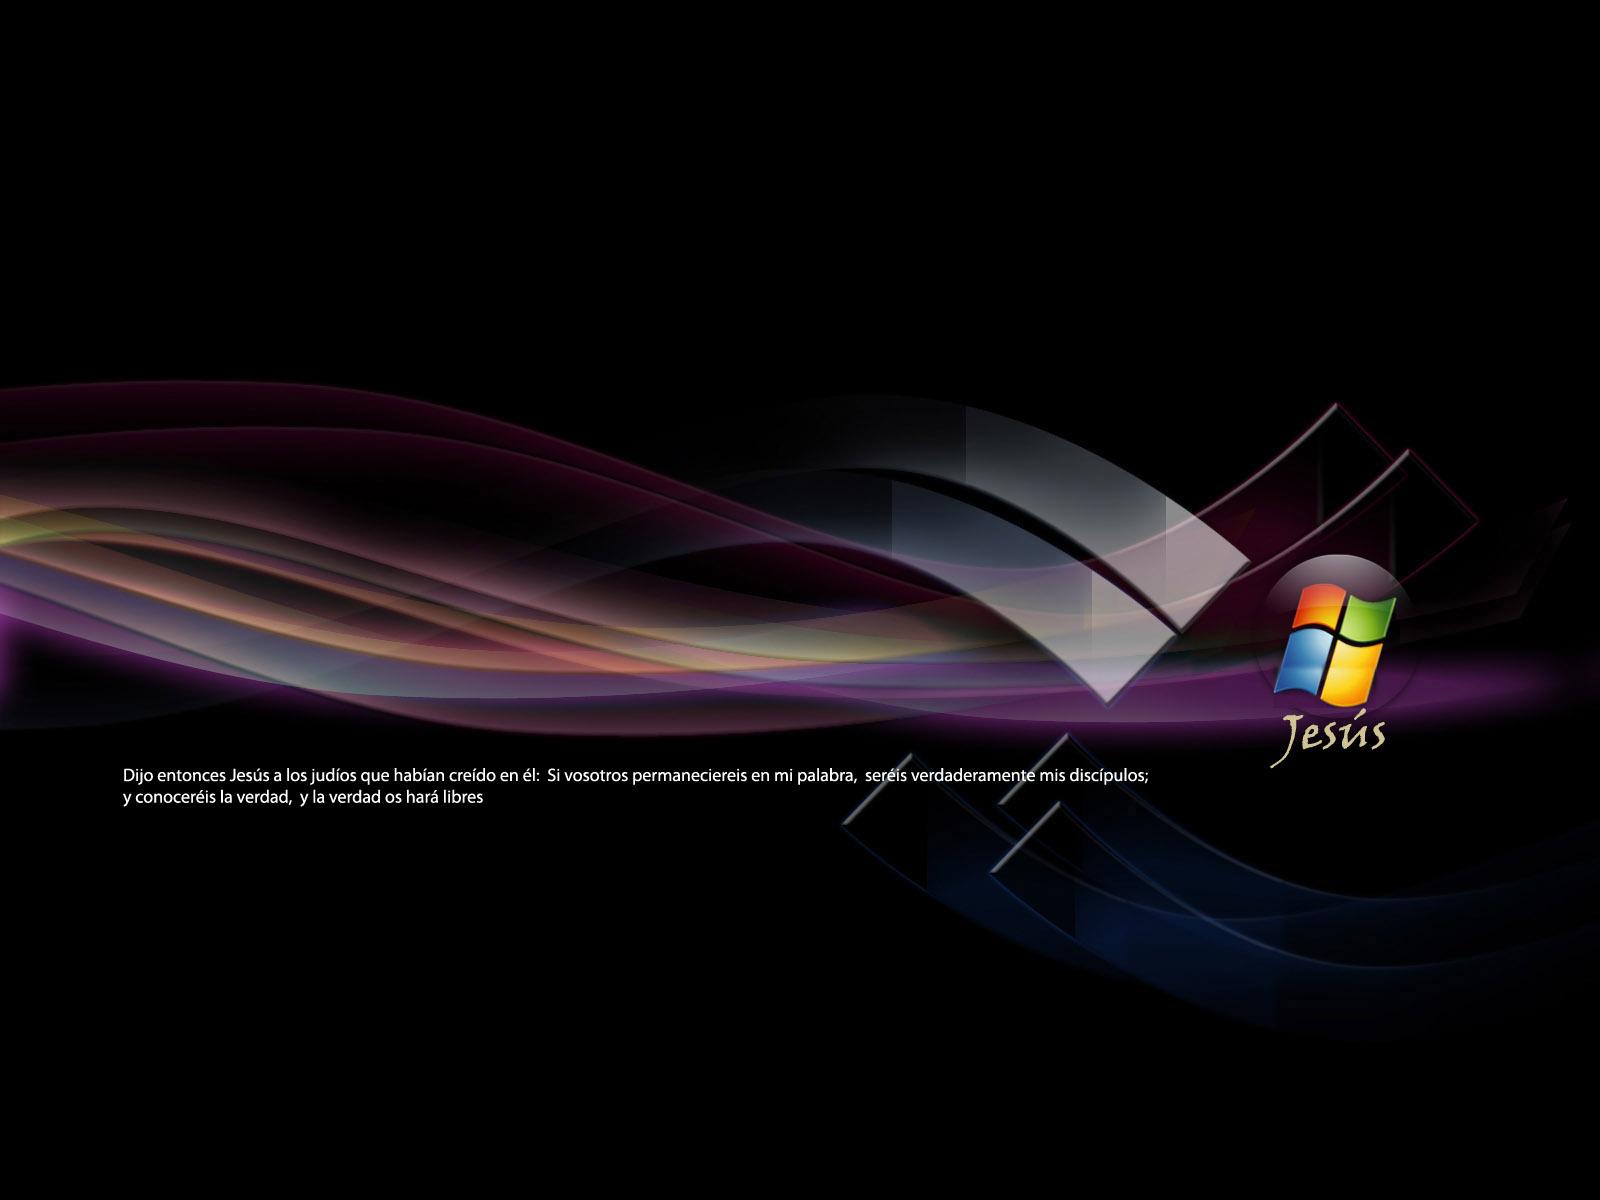 Fondos de escritorios gratis Logo windows cristiano 1600x1200